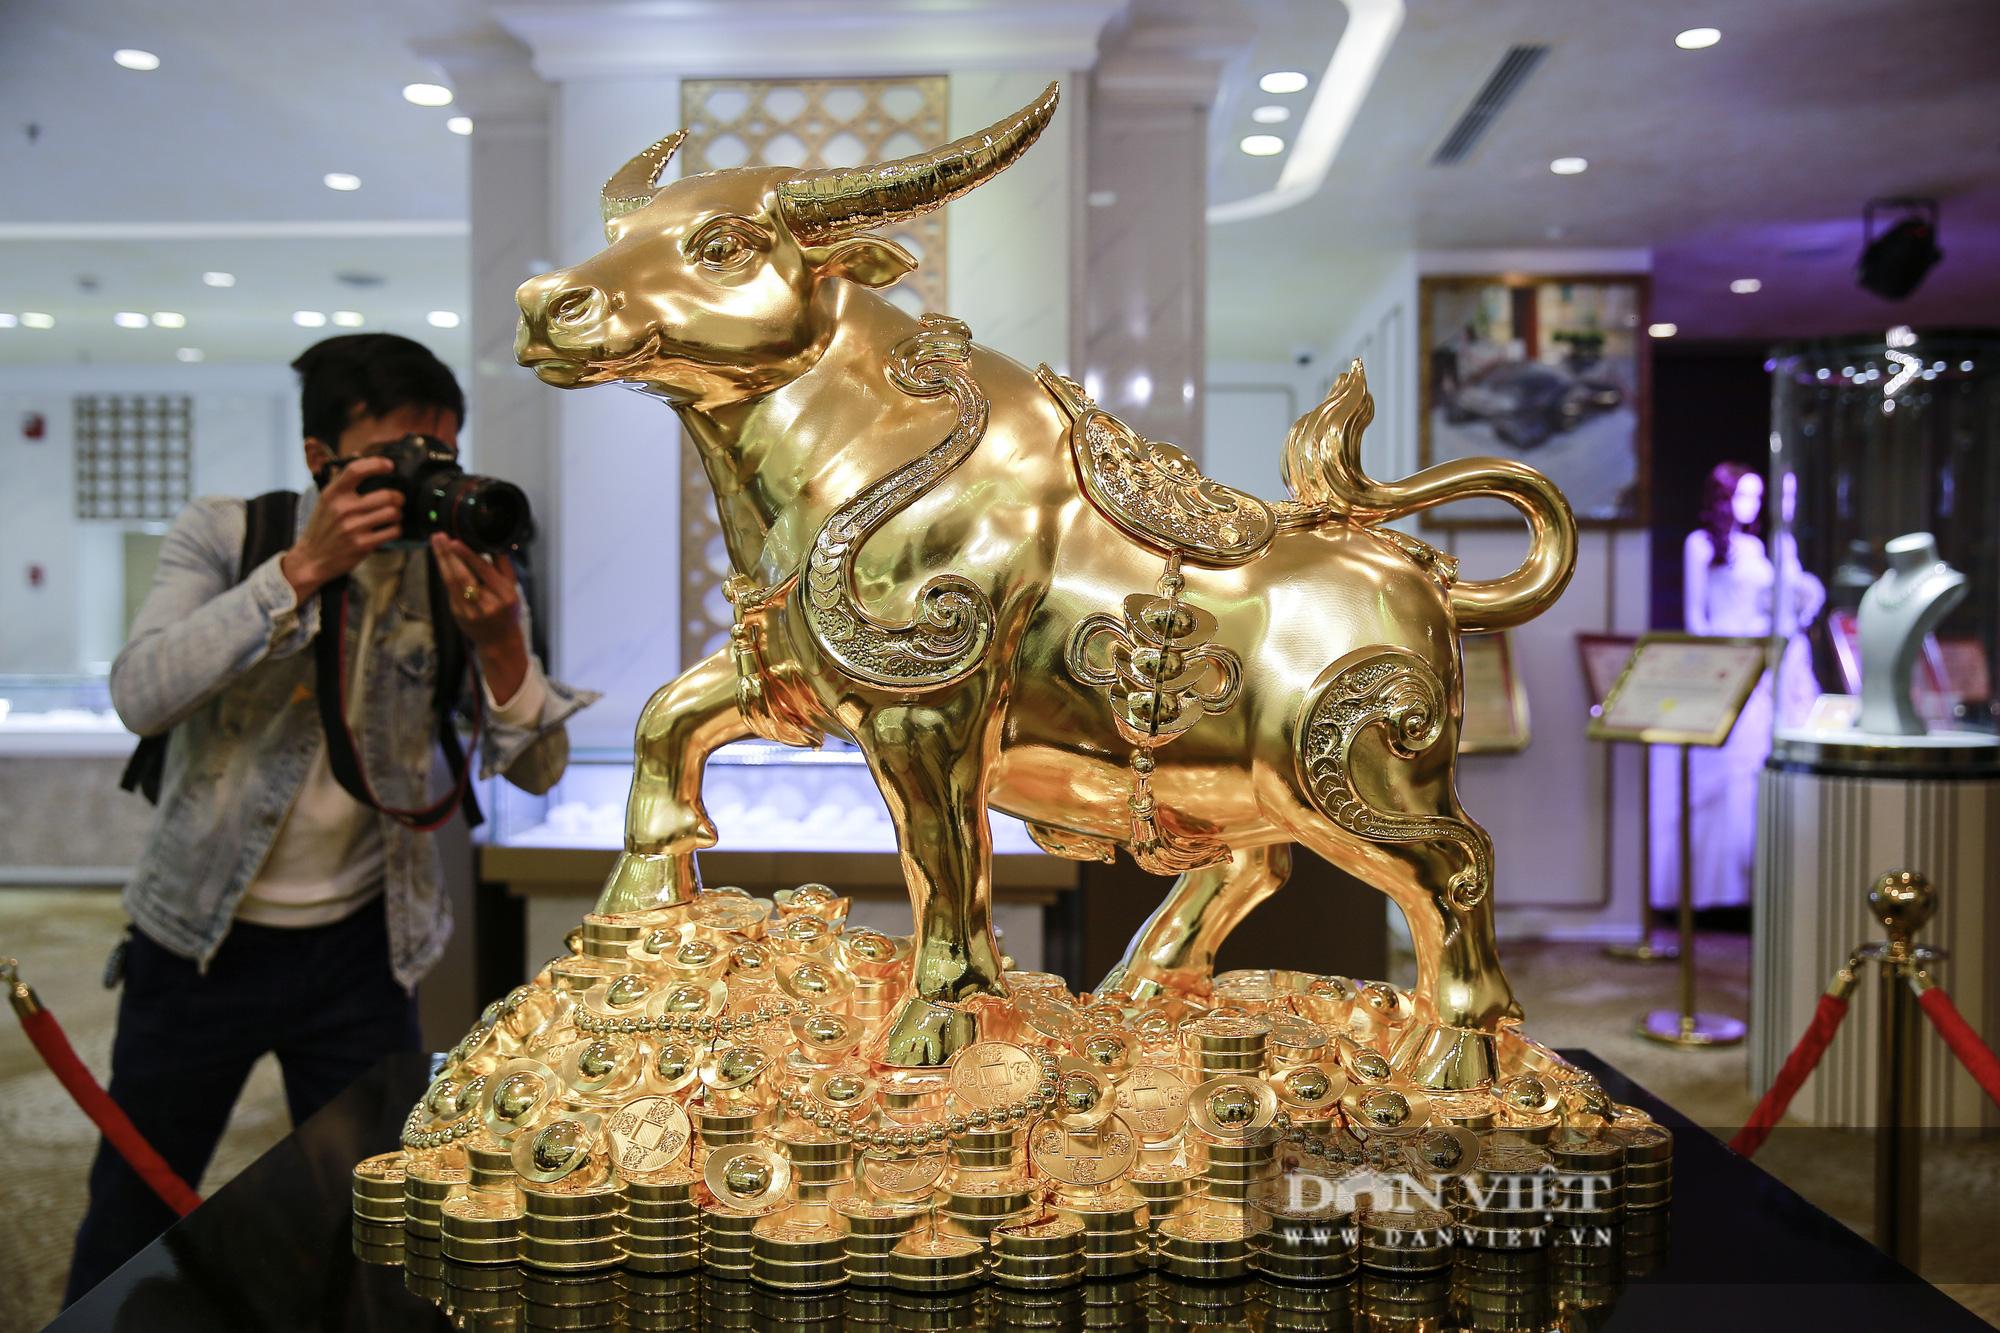 """Chiêm ngưỡng """"Kim Ngưu Vương Bảo"""" đúc từ 530 cây vàng trị giá 38 tỷ đồng - Ảnh 10."""